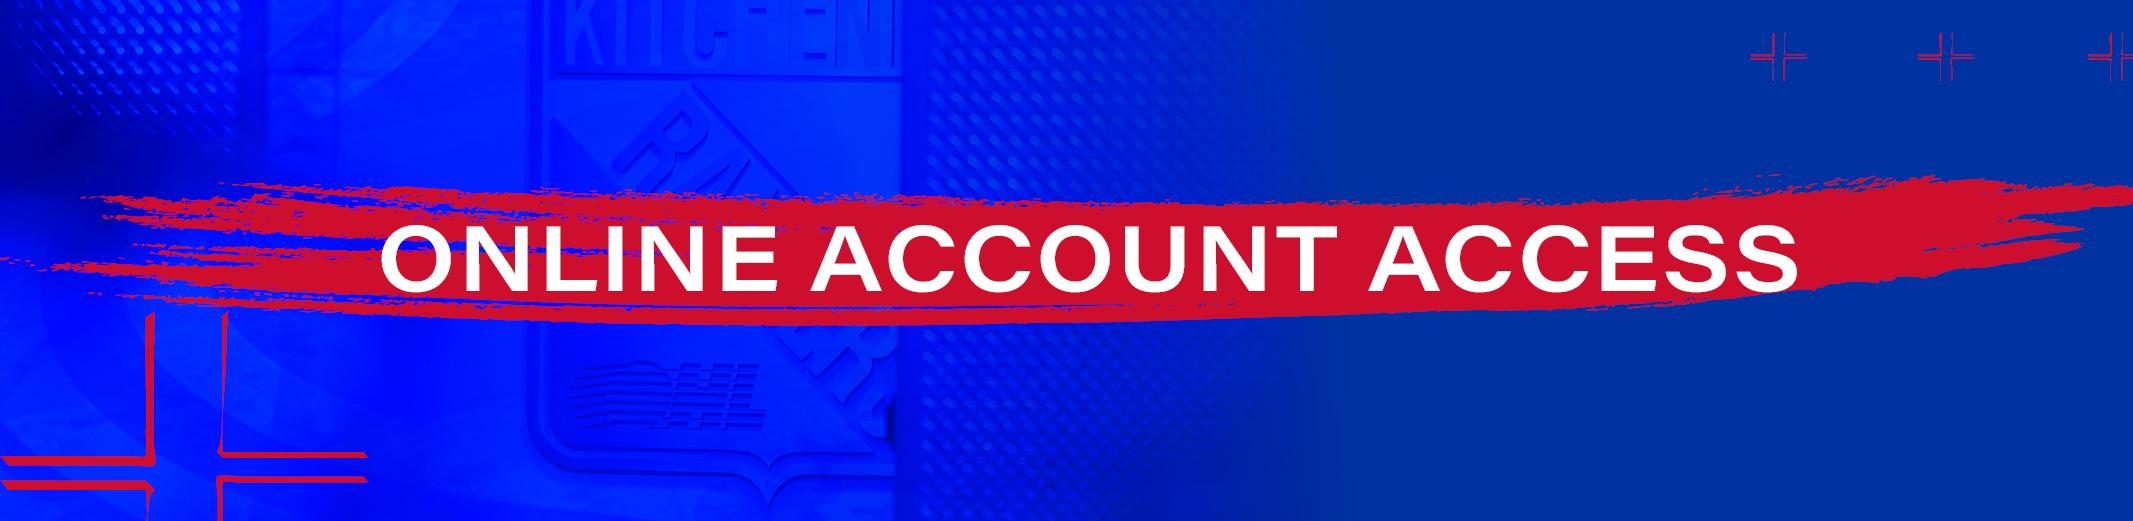 OnlineAccountAccess_Header